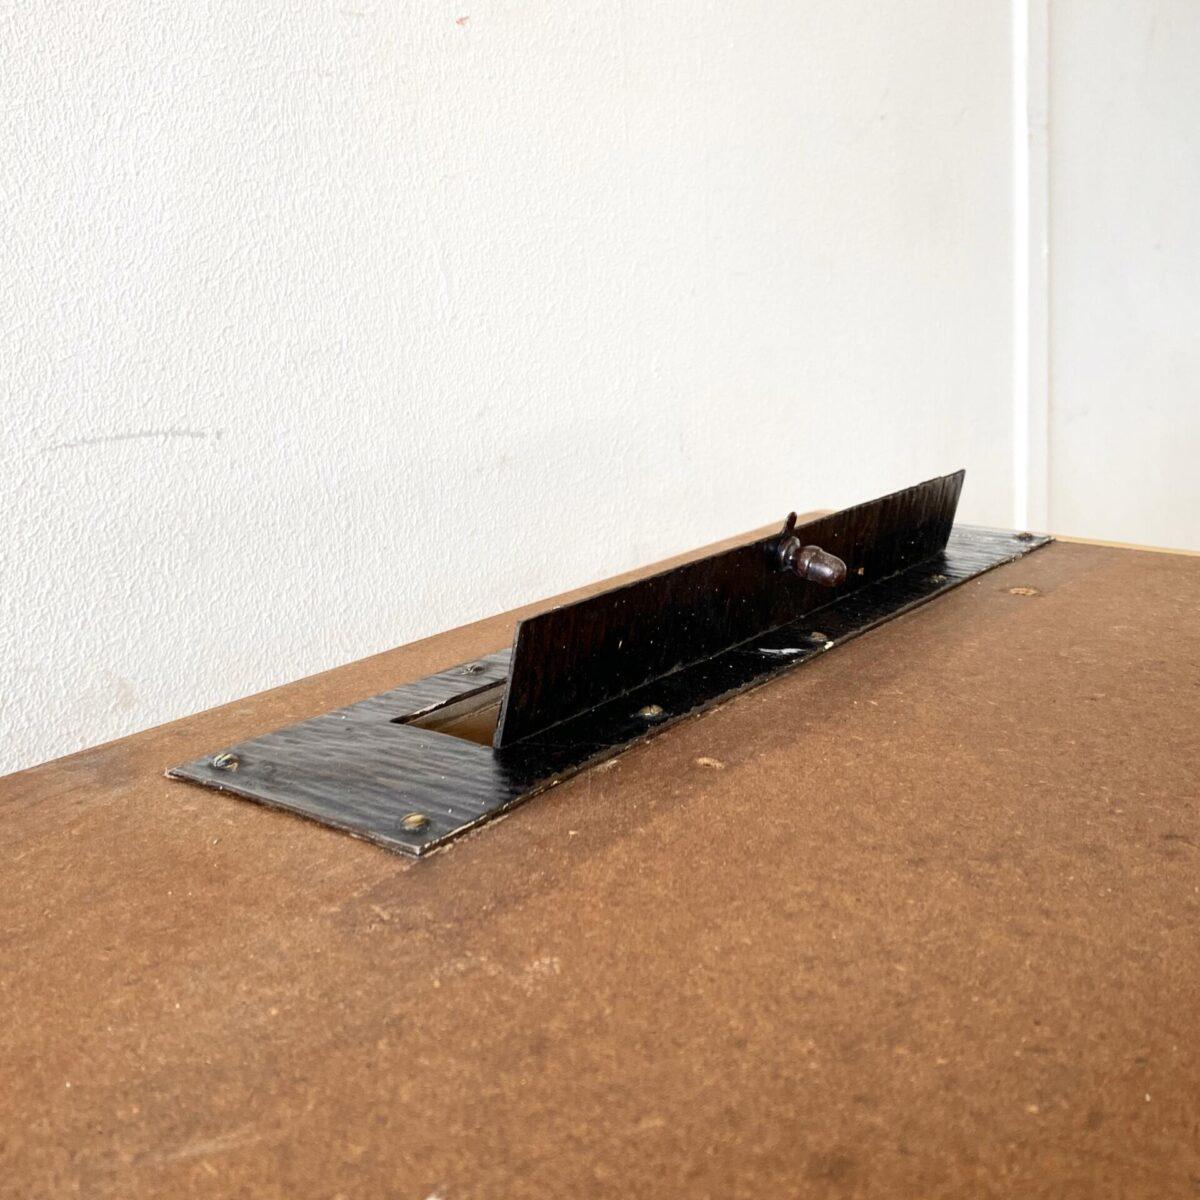 Sideboard Langer Schubladenkorpus 306x64cm Höhe 97cm. Diese Kommode diente einer alten Poststelle, rechts hat es noch eine Metall Öffnung für den Briefeinwurf. Das Tischblatt ist mit braunem Linoleum belegt, und mit Holz Leisten eingefasst. Die Kommode oder Ladentheke lässt sich in zwei Teile auseinander nehmen.